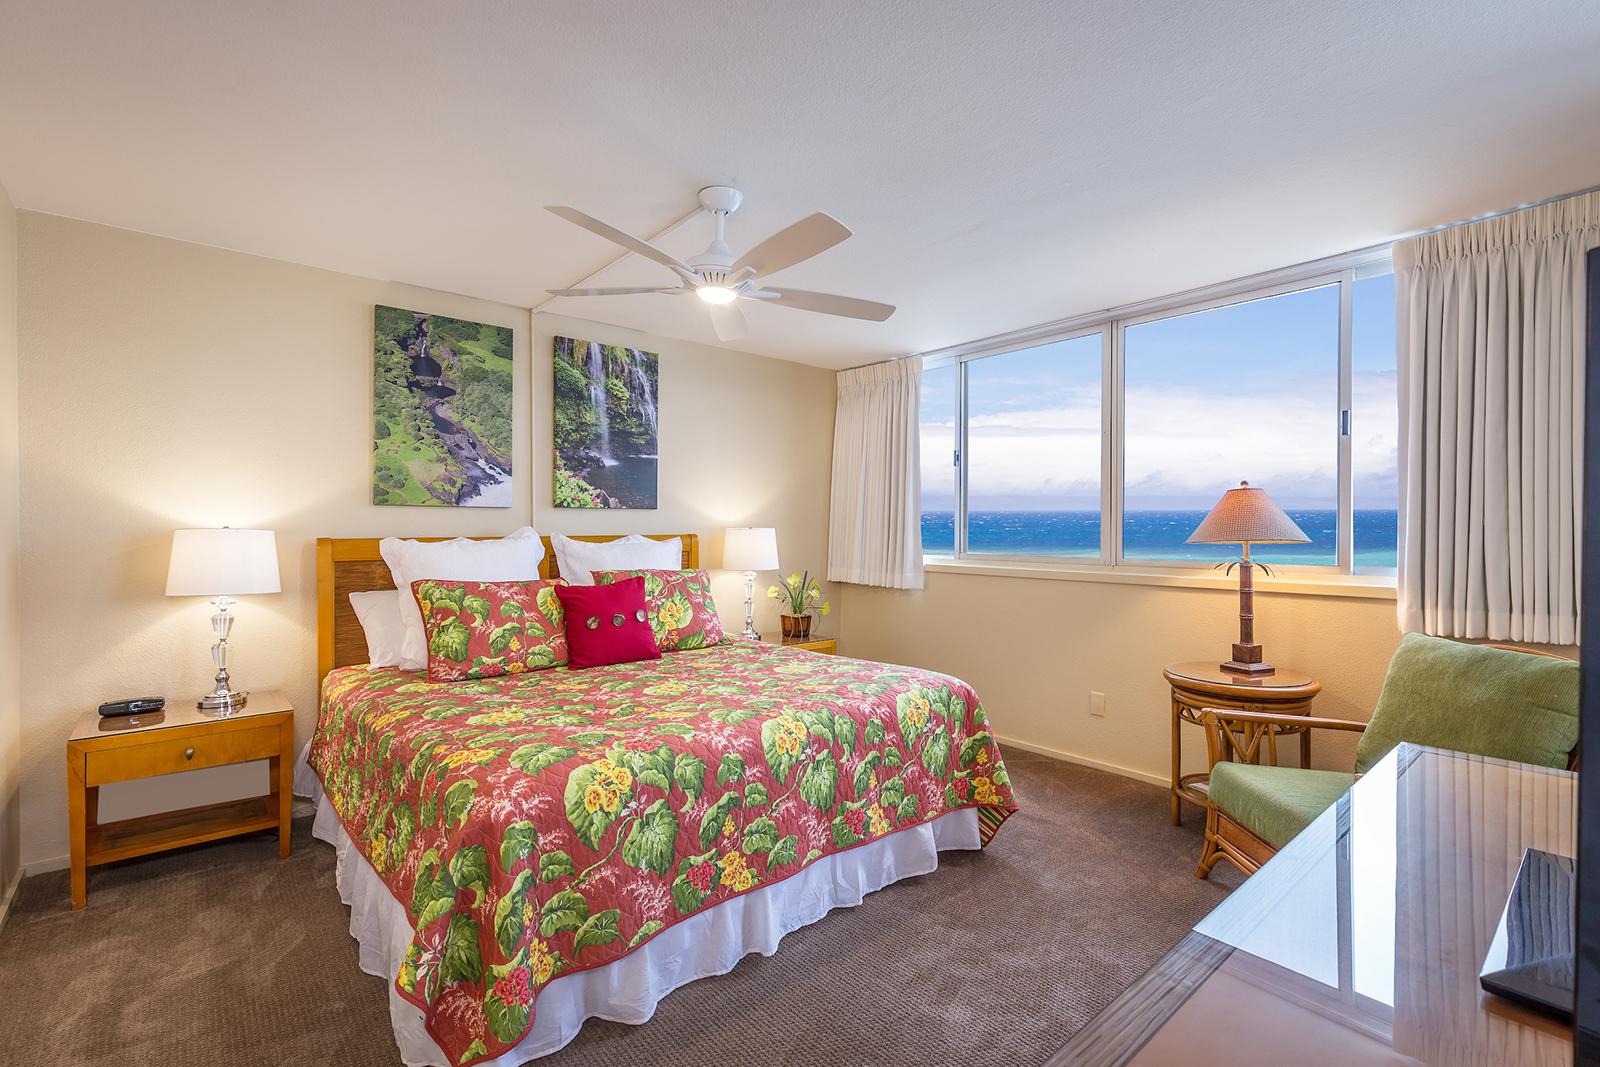 Royal-Kahana-Maui-Beach-Resort-Condos-RK510-2794.jpg